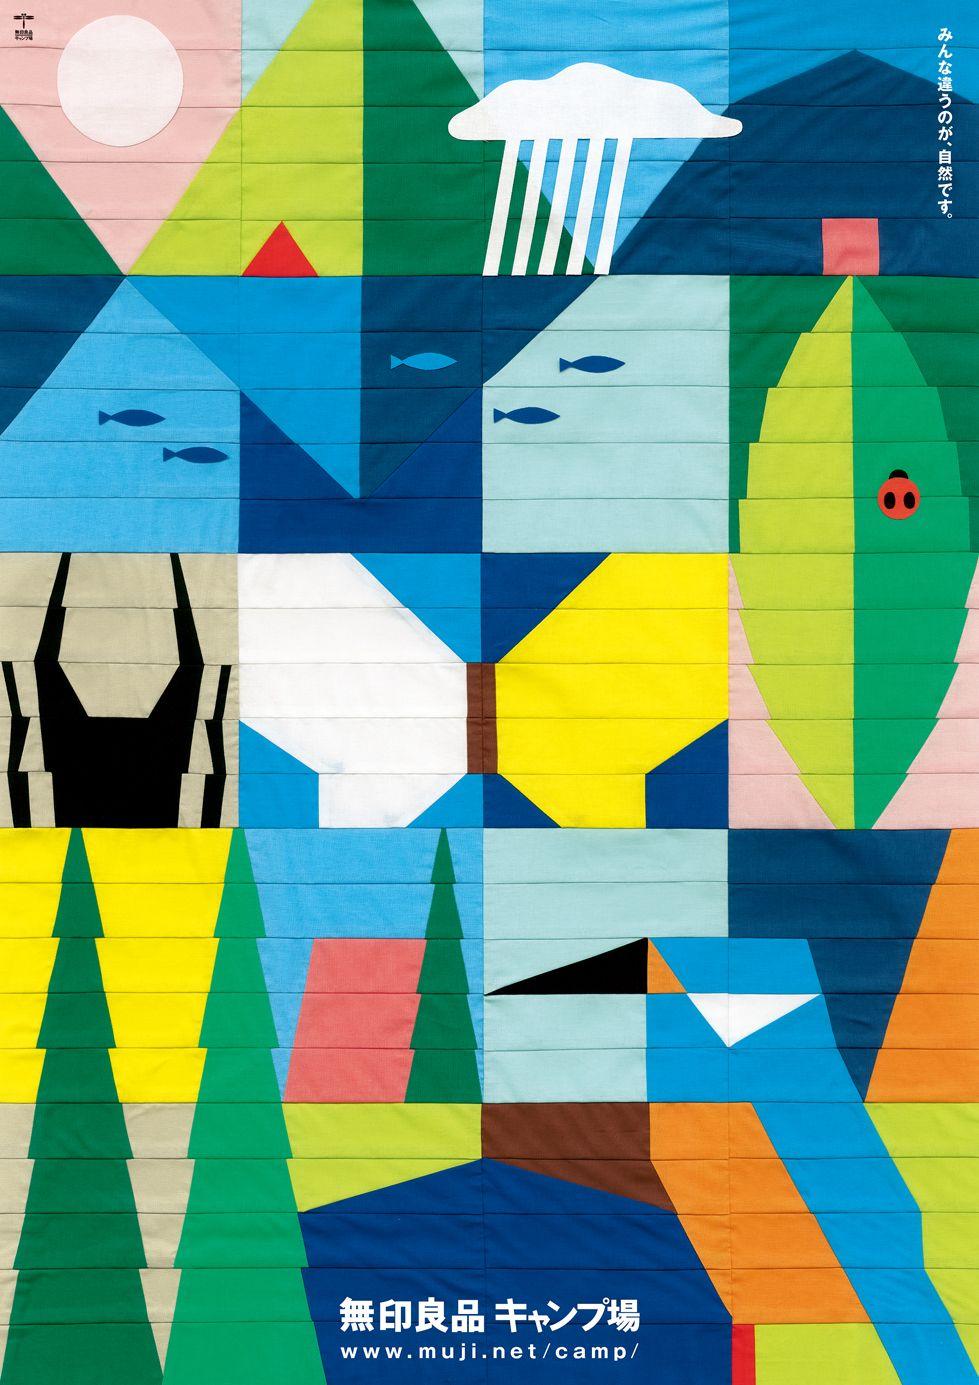 ビジュアルのイラストは、スタッフの庭野広祐君の手によるものです ...